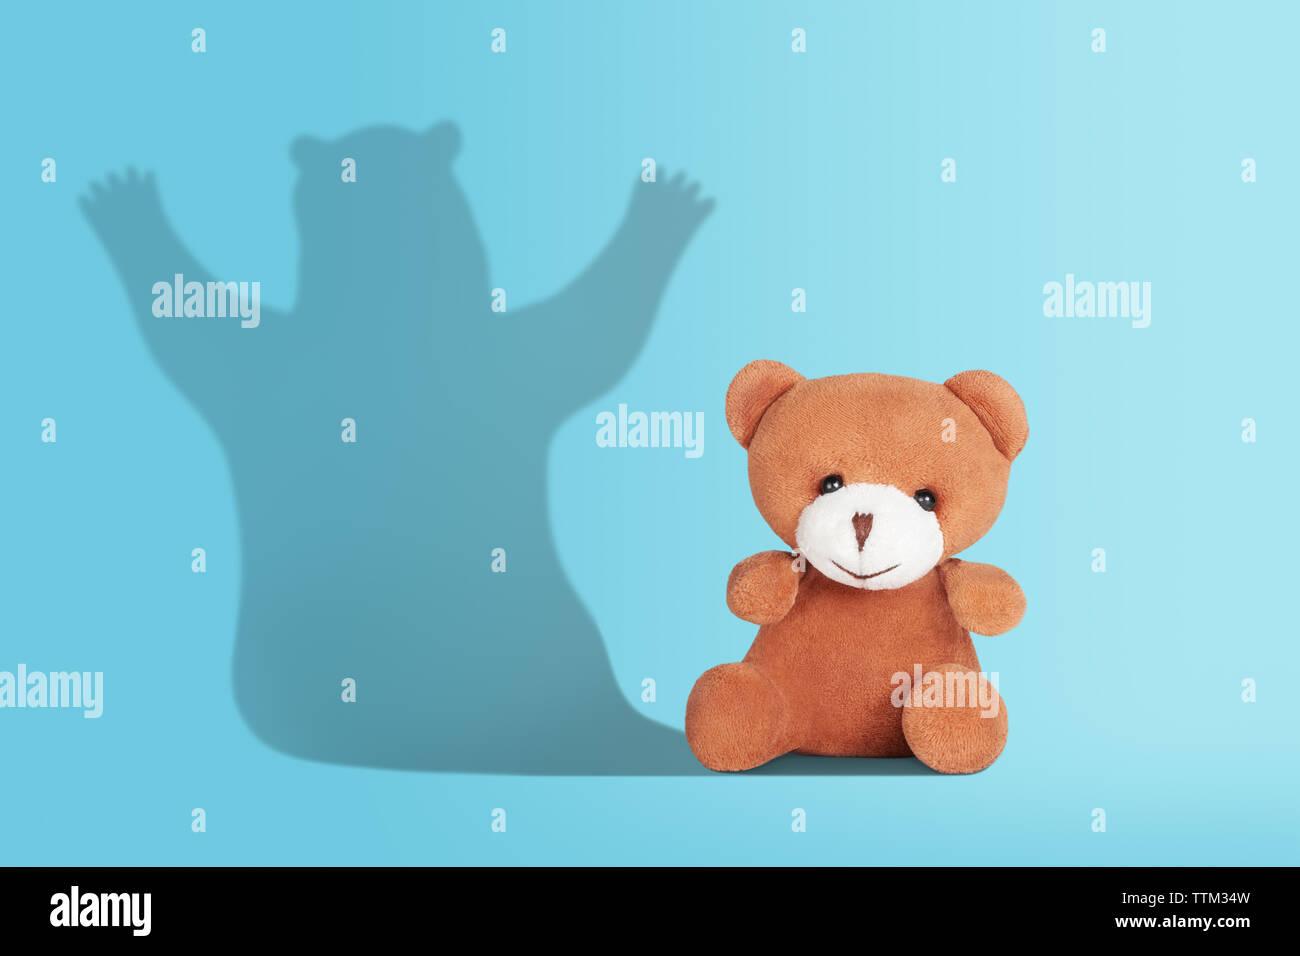 Ours en peluche jouet avec l'ombre d'un vrai grand ours sauvage. Être plus, un potentiel caché, de grands projets, d'ambition ou dream concept Photo Stock